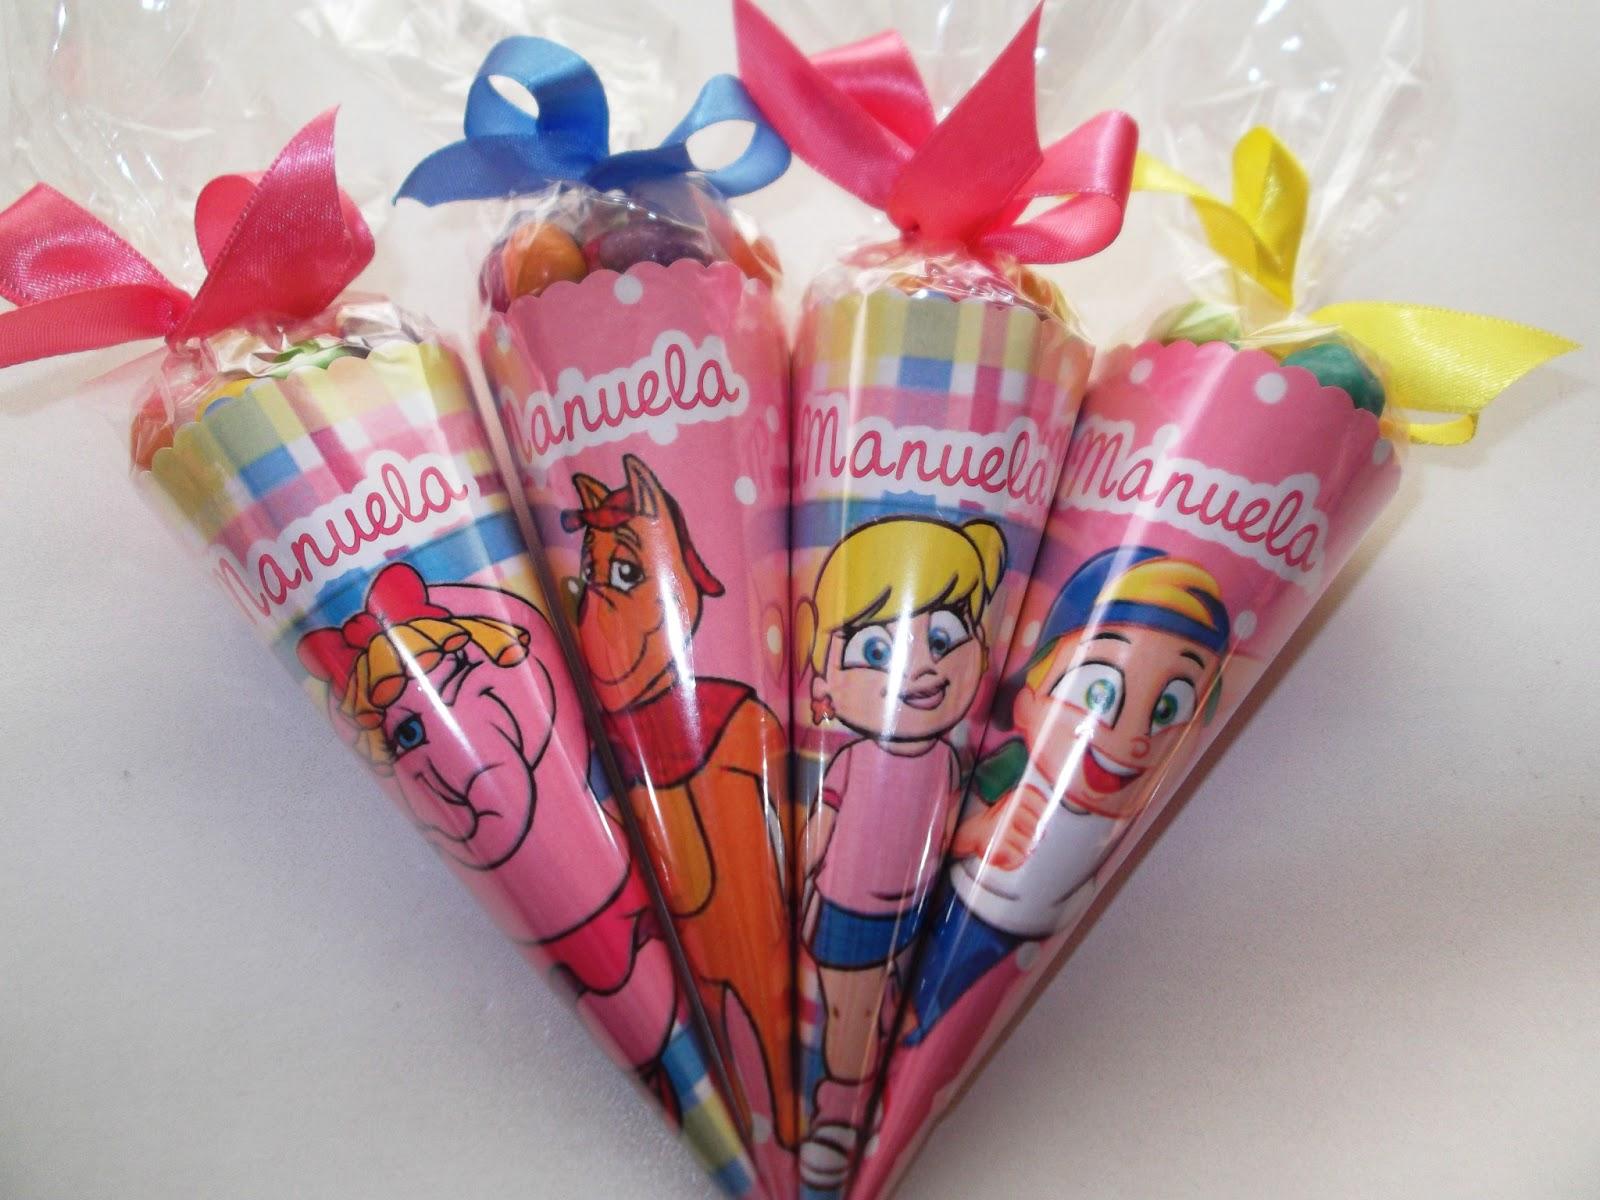 Cones personalizados com amendoins coloridos para lembrancinhas